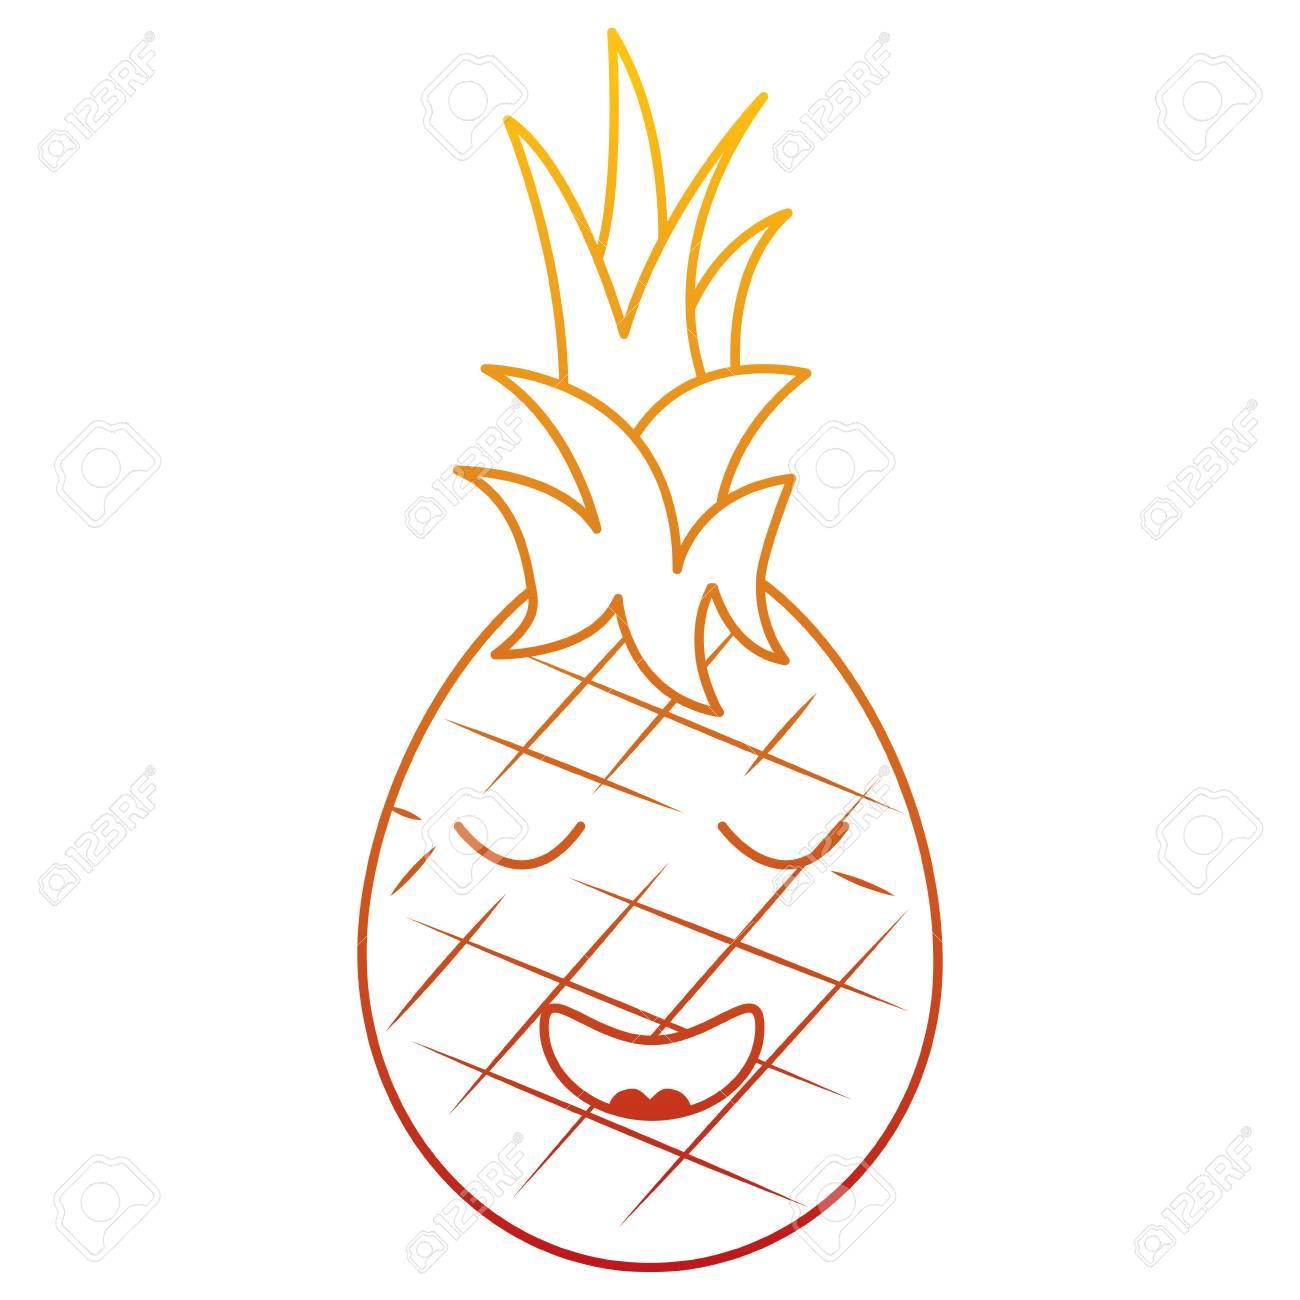 Ilustração Em Vetor Desenhos Animados Kawaii Abacaxi Fruta Expressão Facial